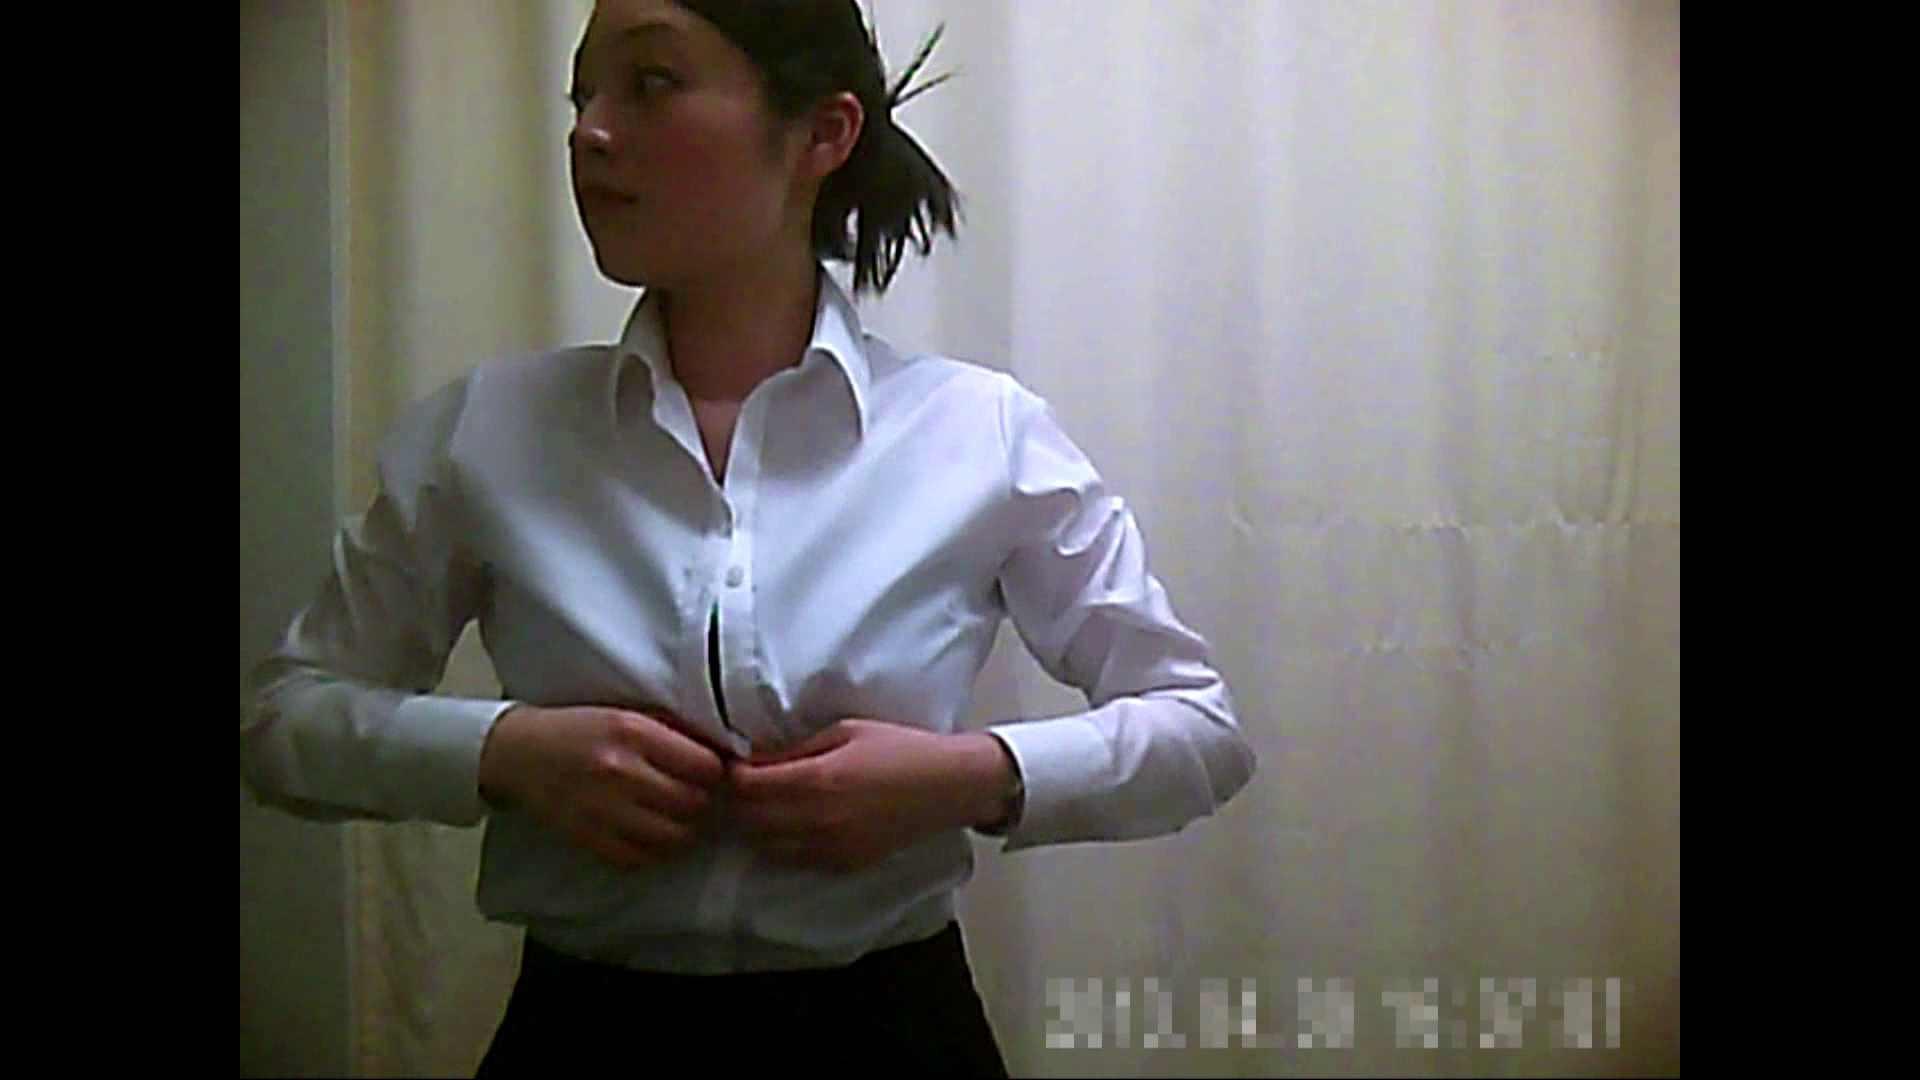 元医者による反抗 更衣室地獄絵巻 vol.090 OL | 0  30連発